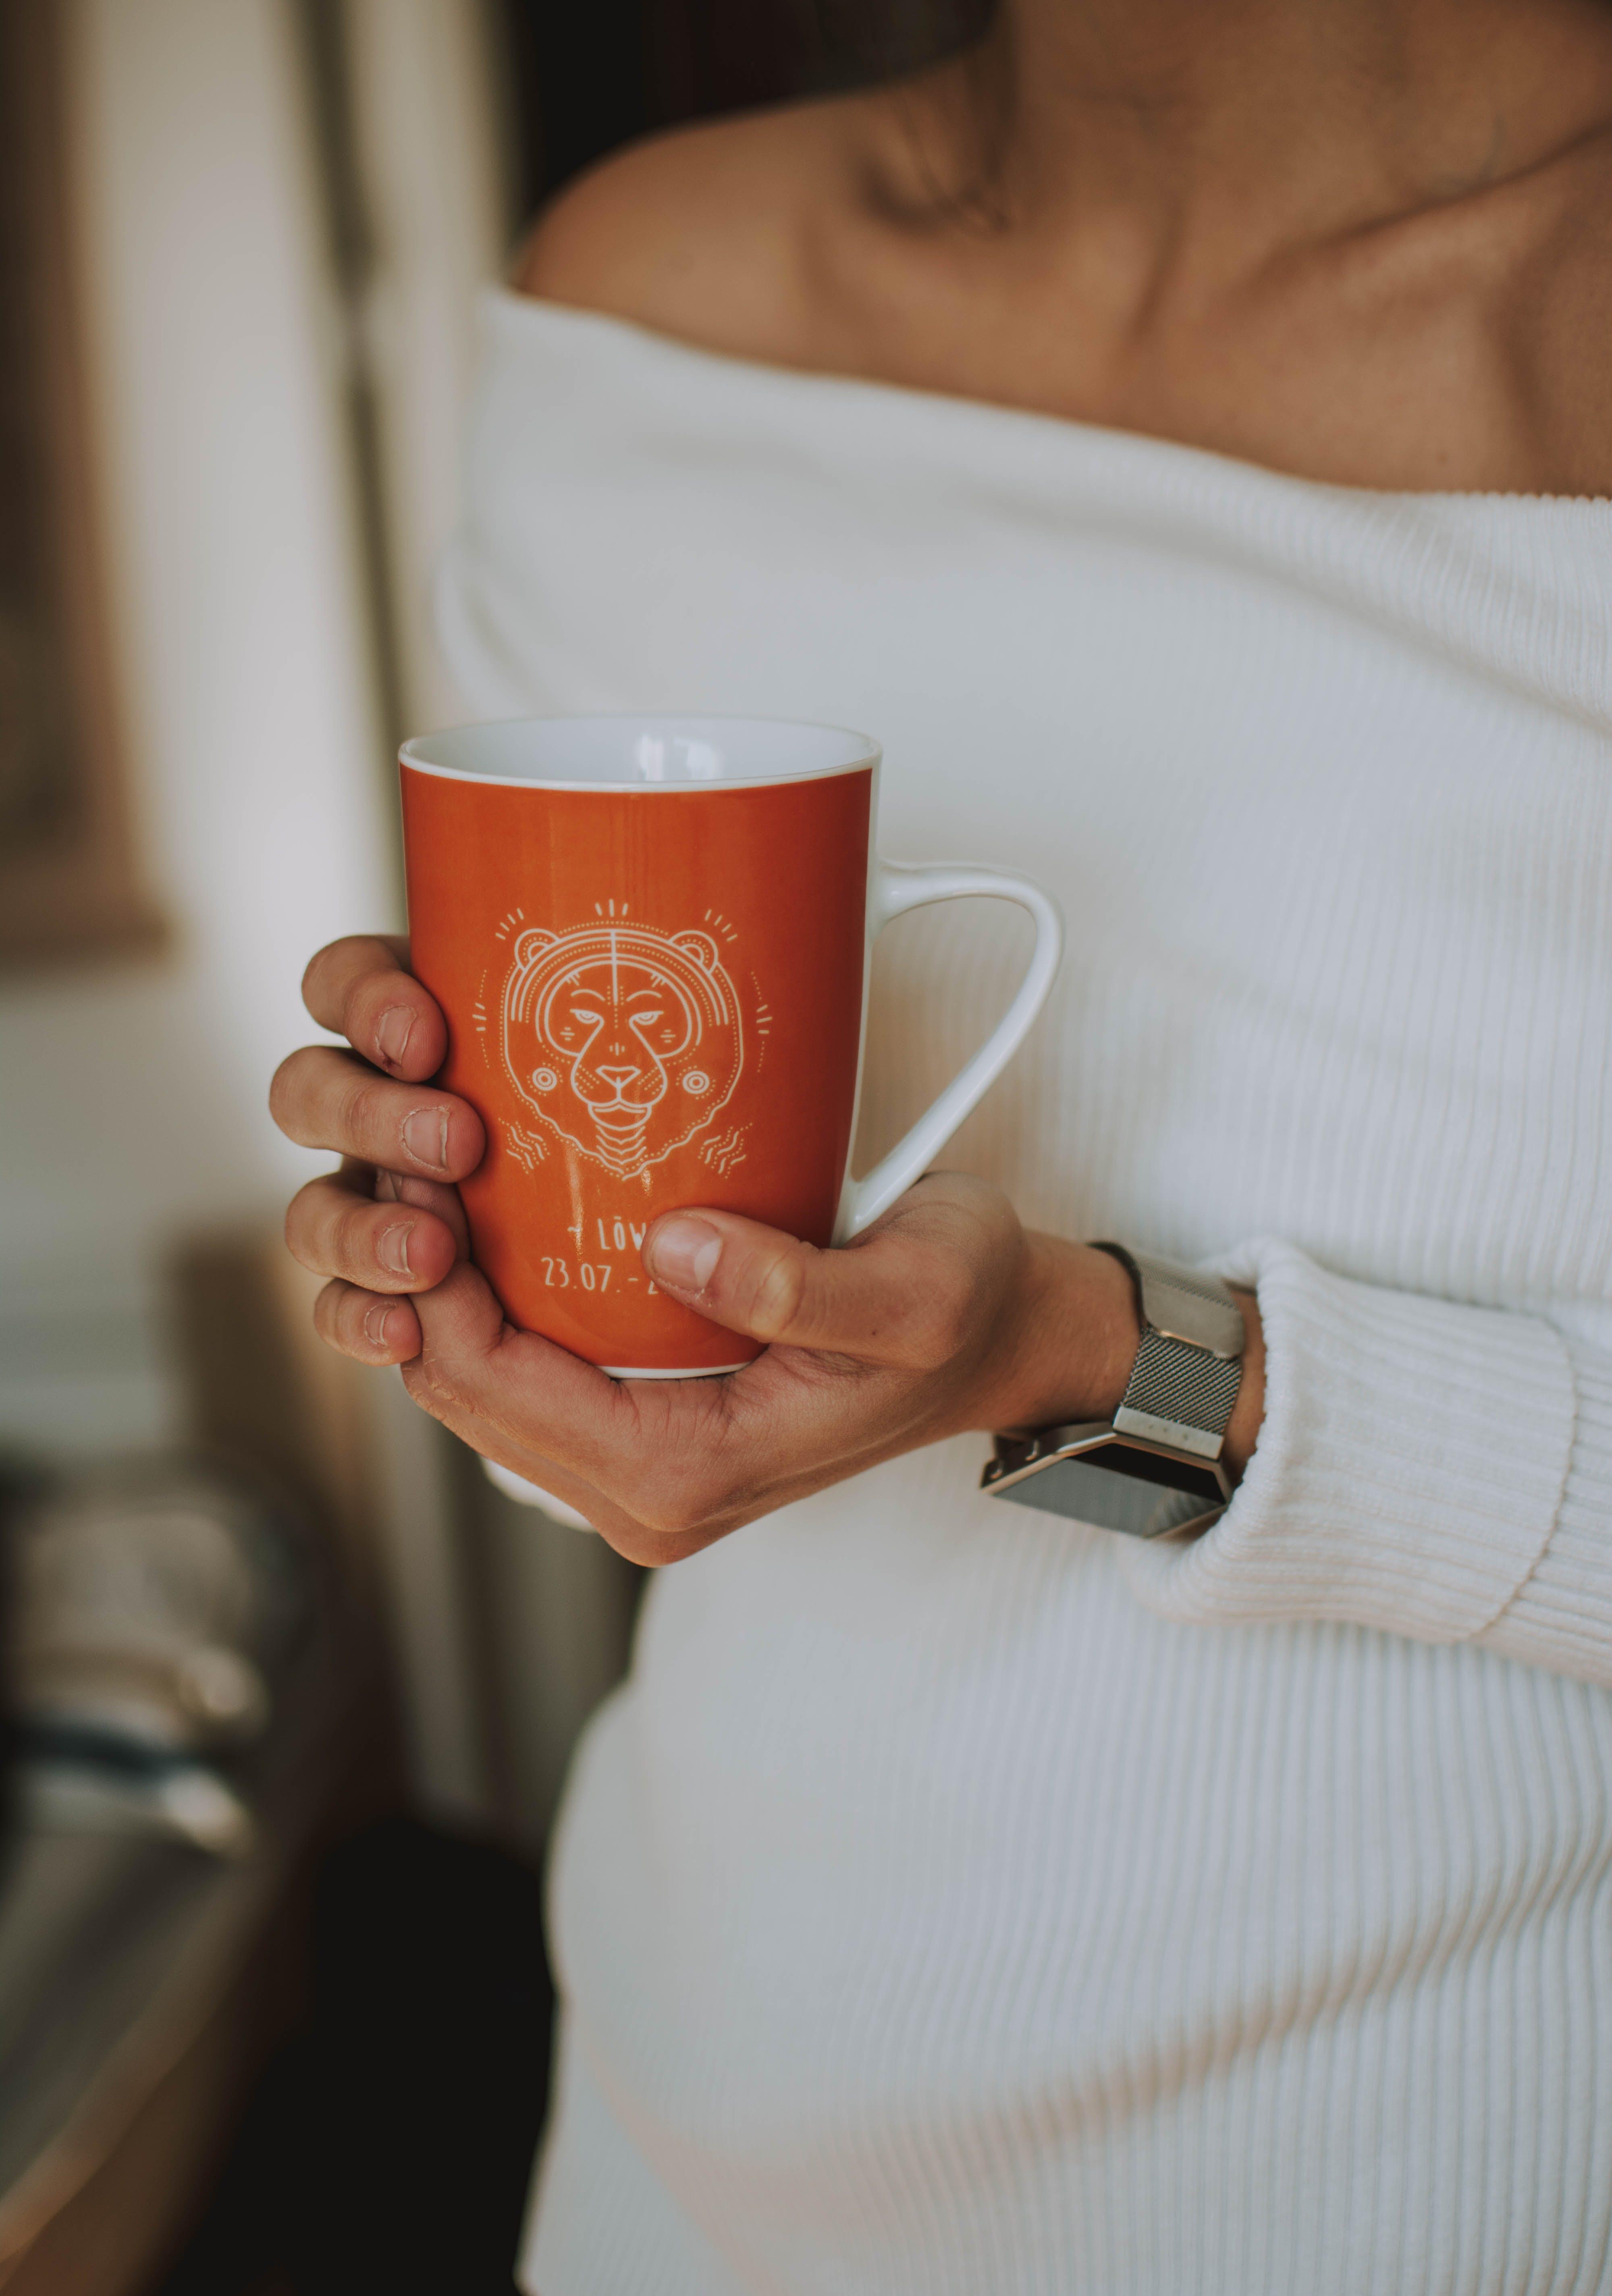 Ingyenes stockfotó beltéri, bögre, csésze, csésze kávé témában